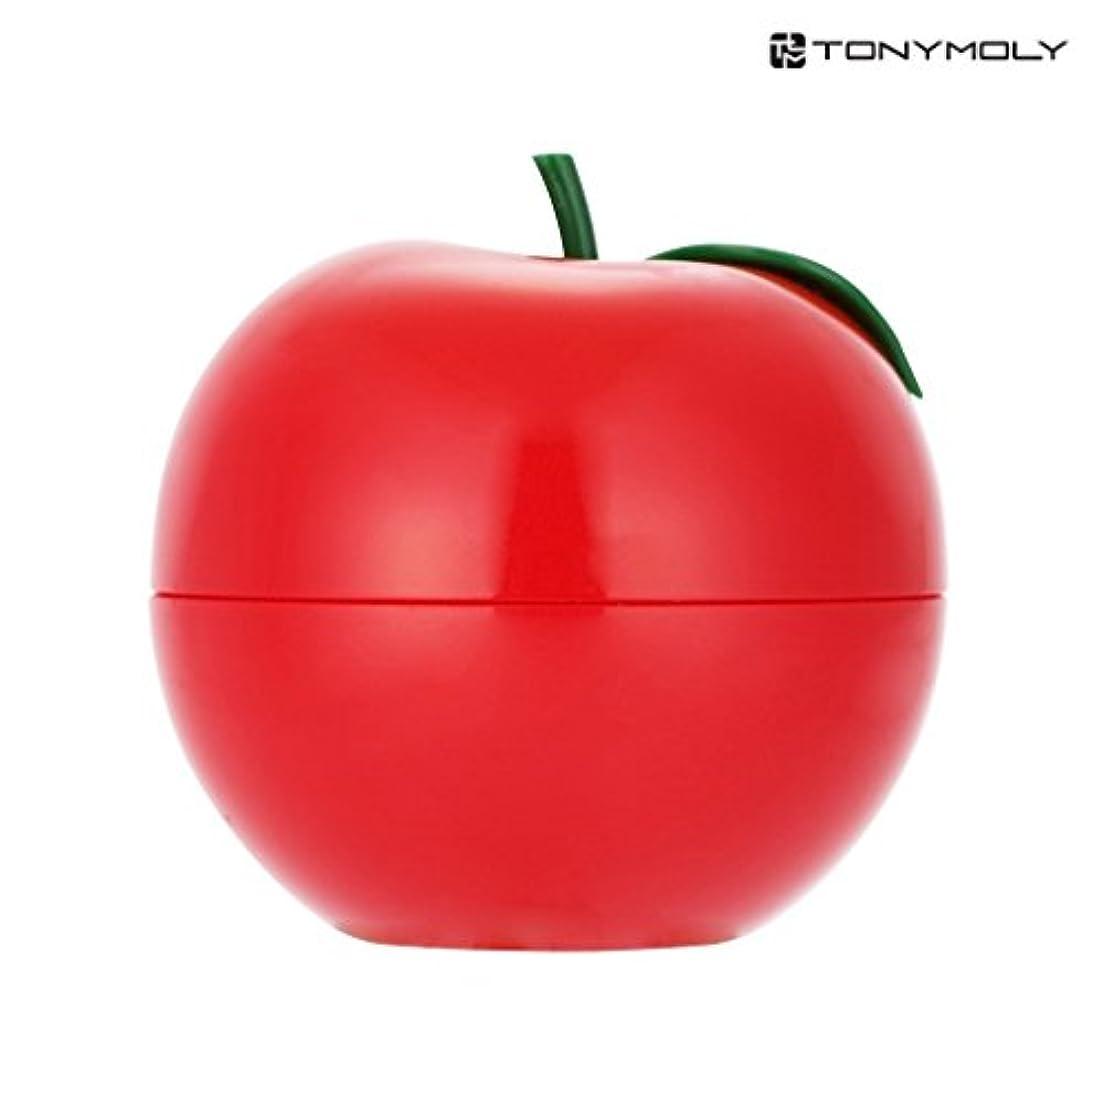 達成する拳人生を作るTONYMOLY トニーモリー レッド?アップル?ハンドクリーム 30g (Red Apple Hand Cream) 海外直送品